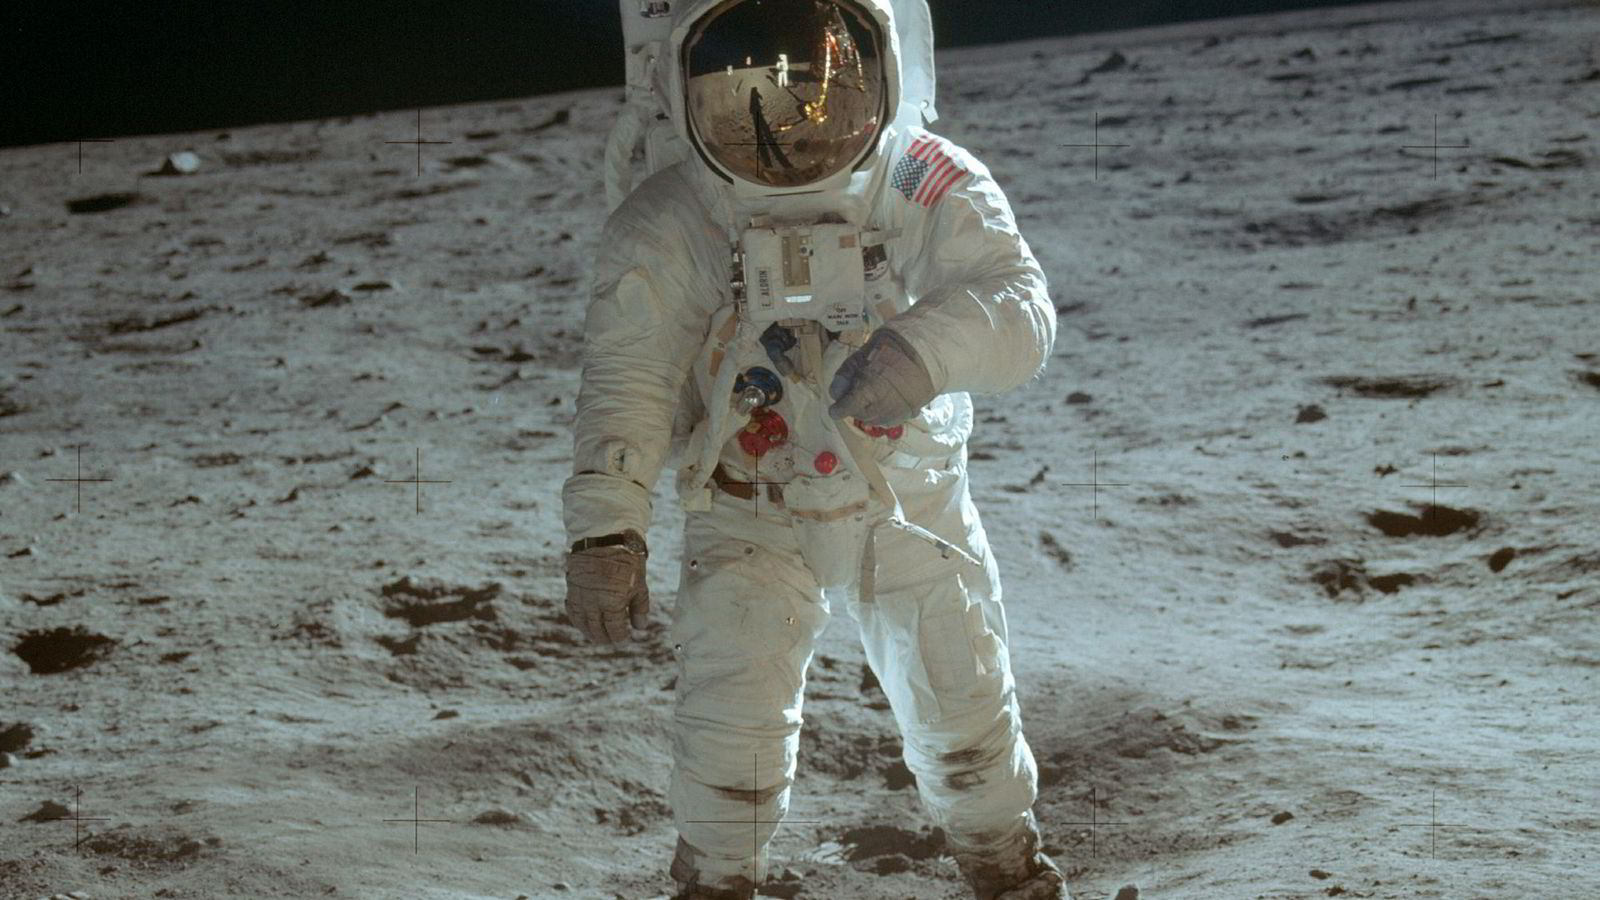 Neil Armstrong var førstemann på månen, men dette kjente bildet viser hans kollega Buzz Aldrin. Armstrong var nemlig fotografen, og synes bare i speilbildet på Aldrins visir.